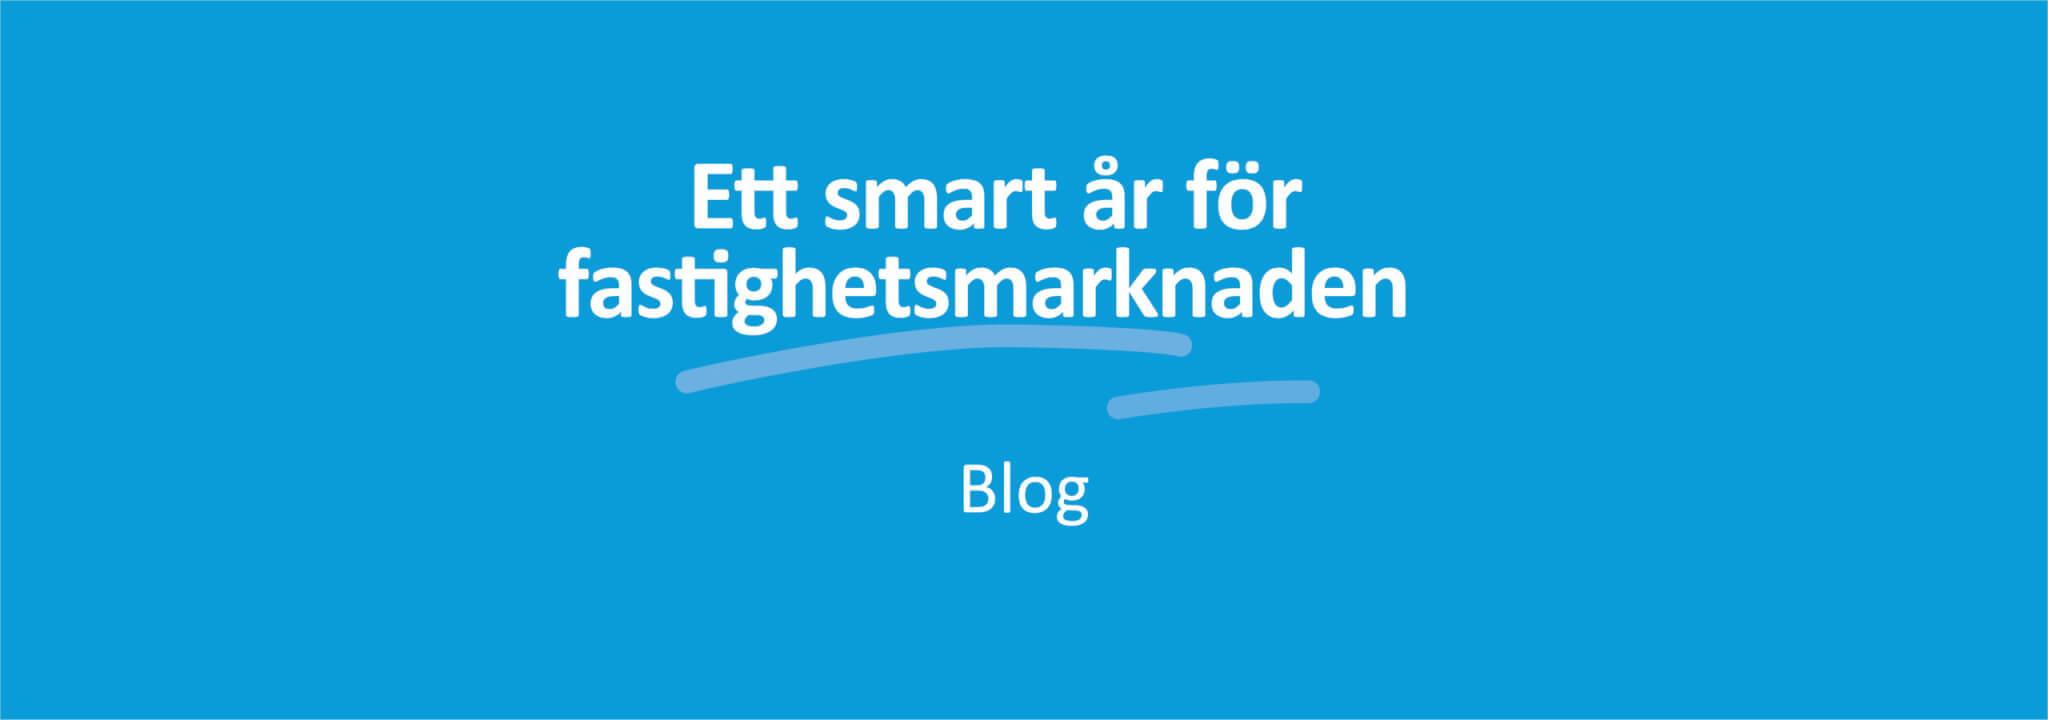 Ett smart år för fastighetsmarknaden banner